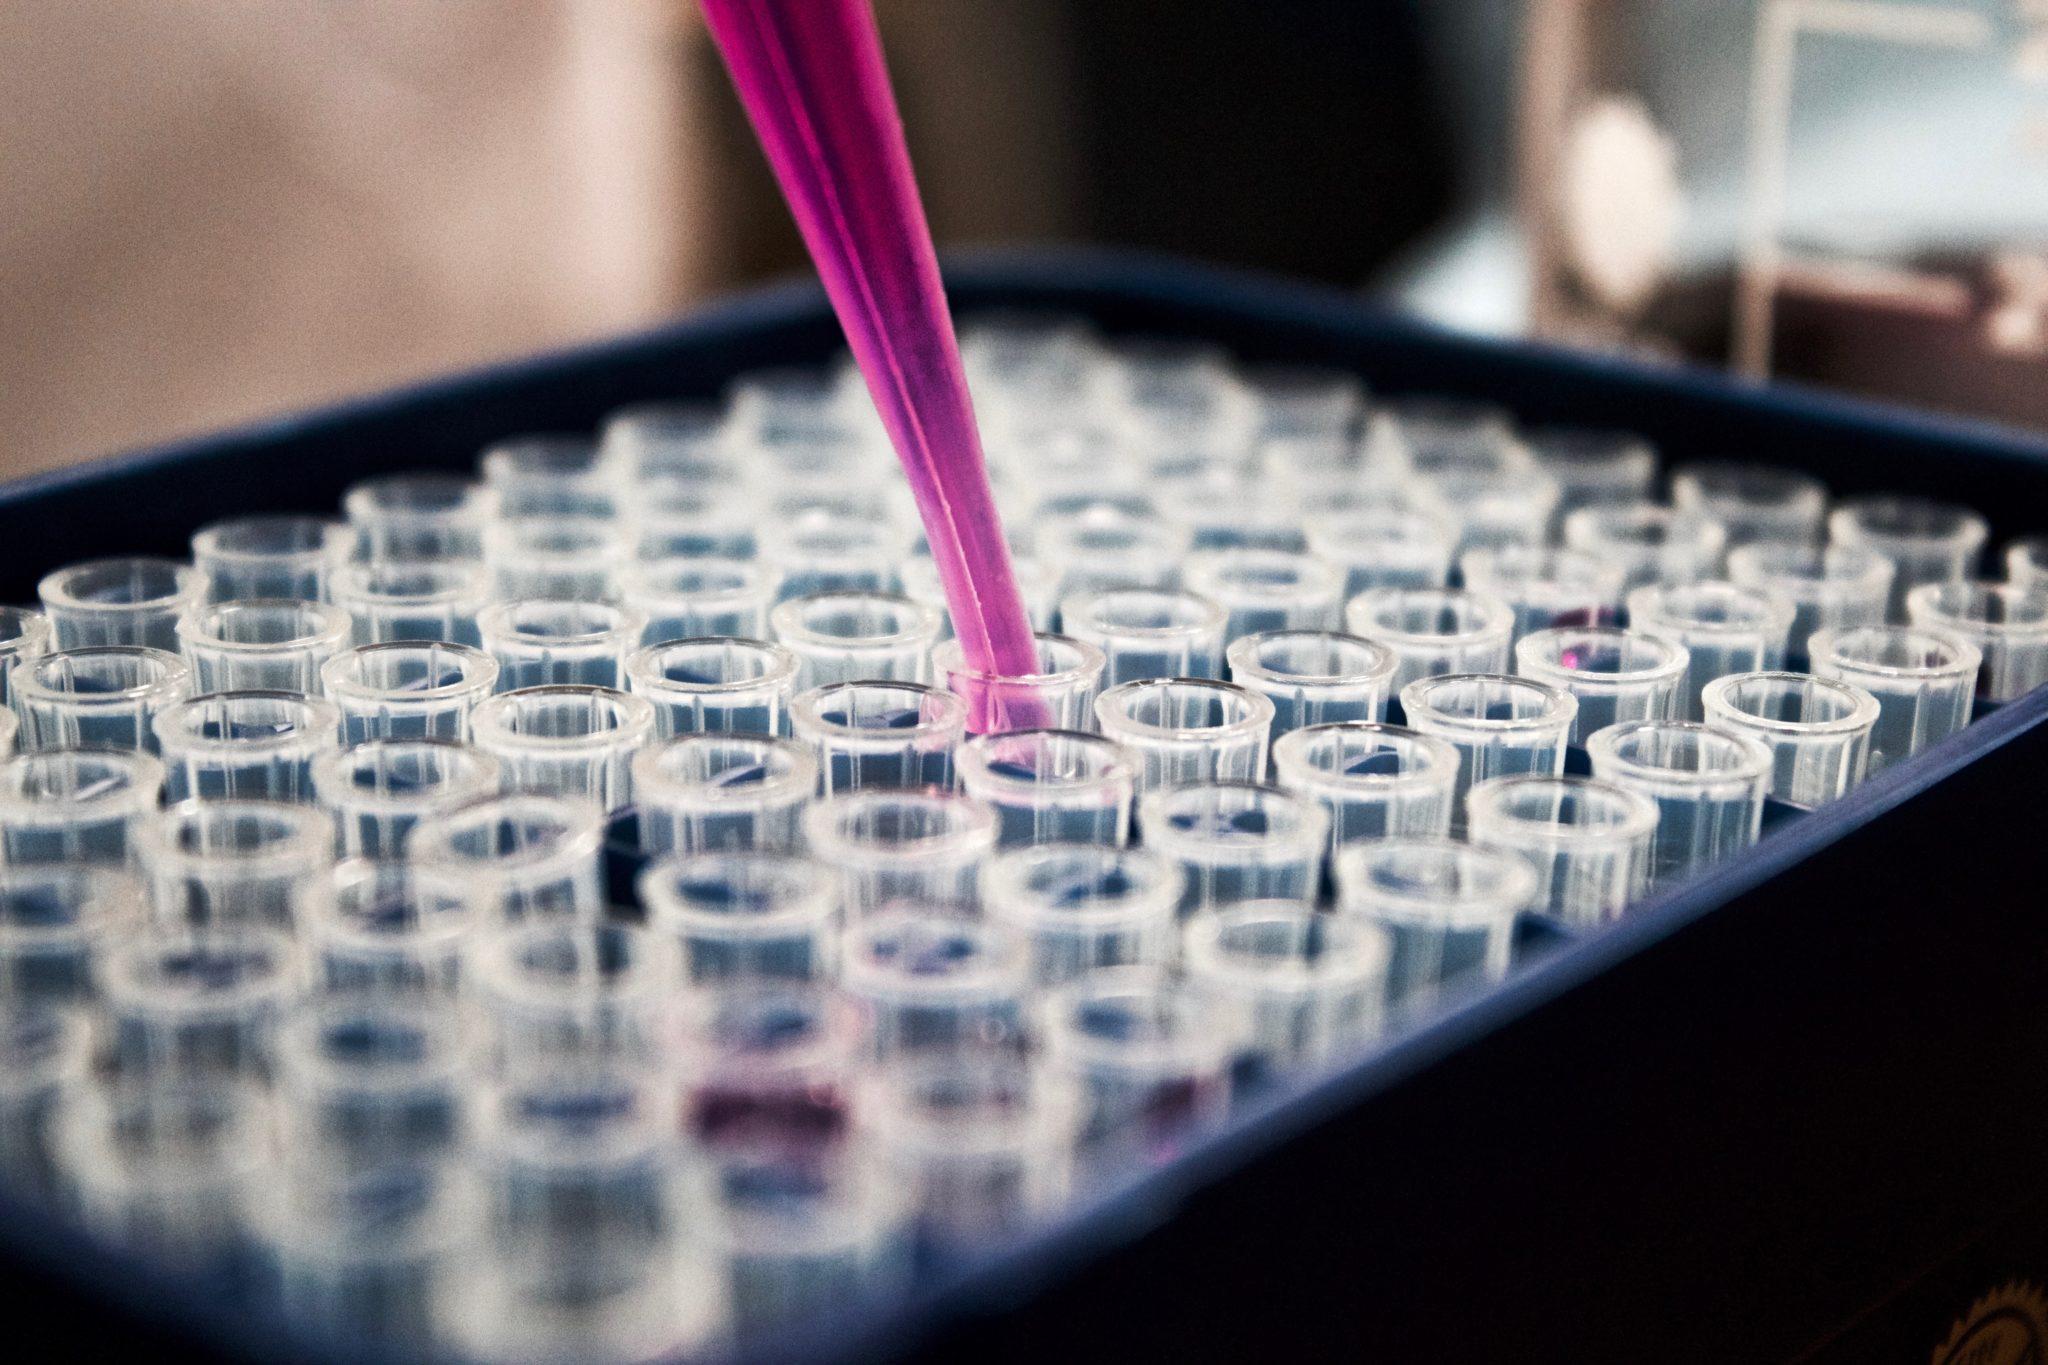 Coronavirus-Krise wird massiv unterschätzt